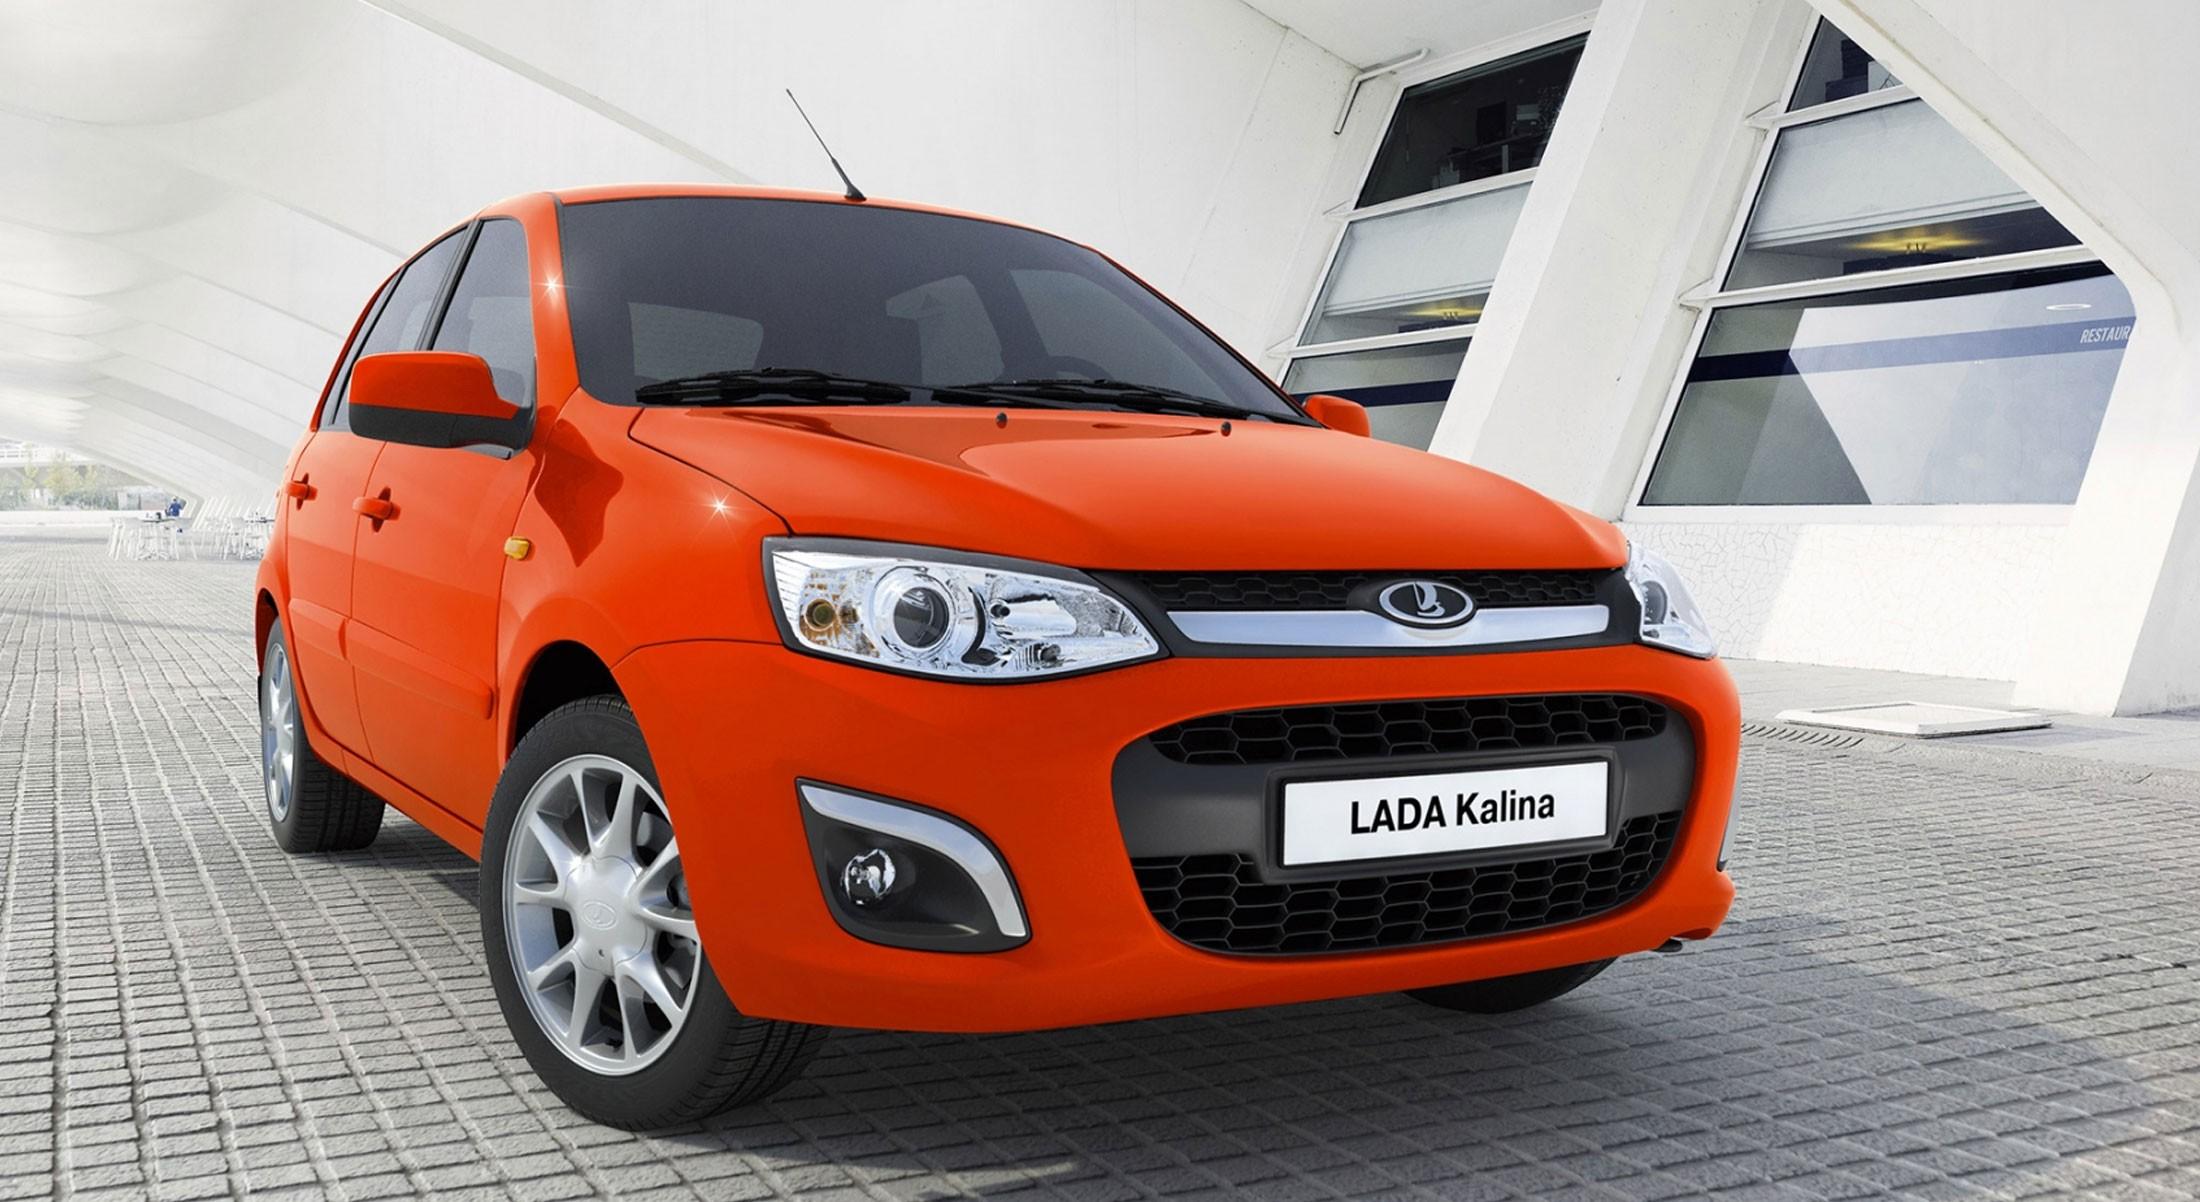 АвтоВАЗ намерен прекратить выпуск Lada Kalina до конца 2016 года